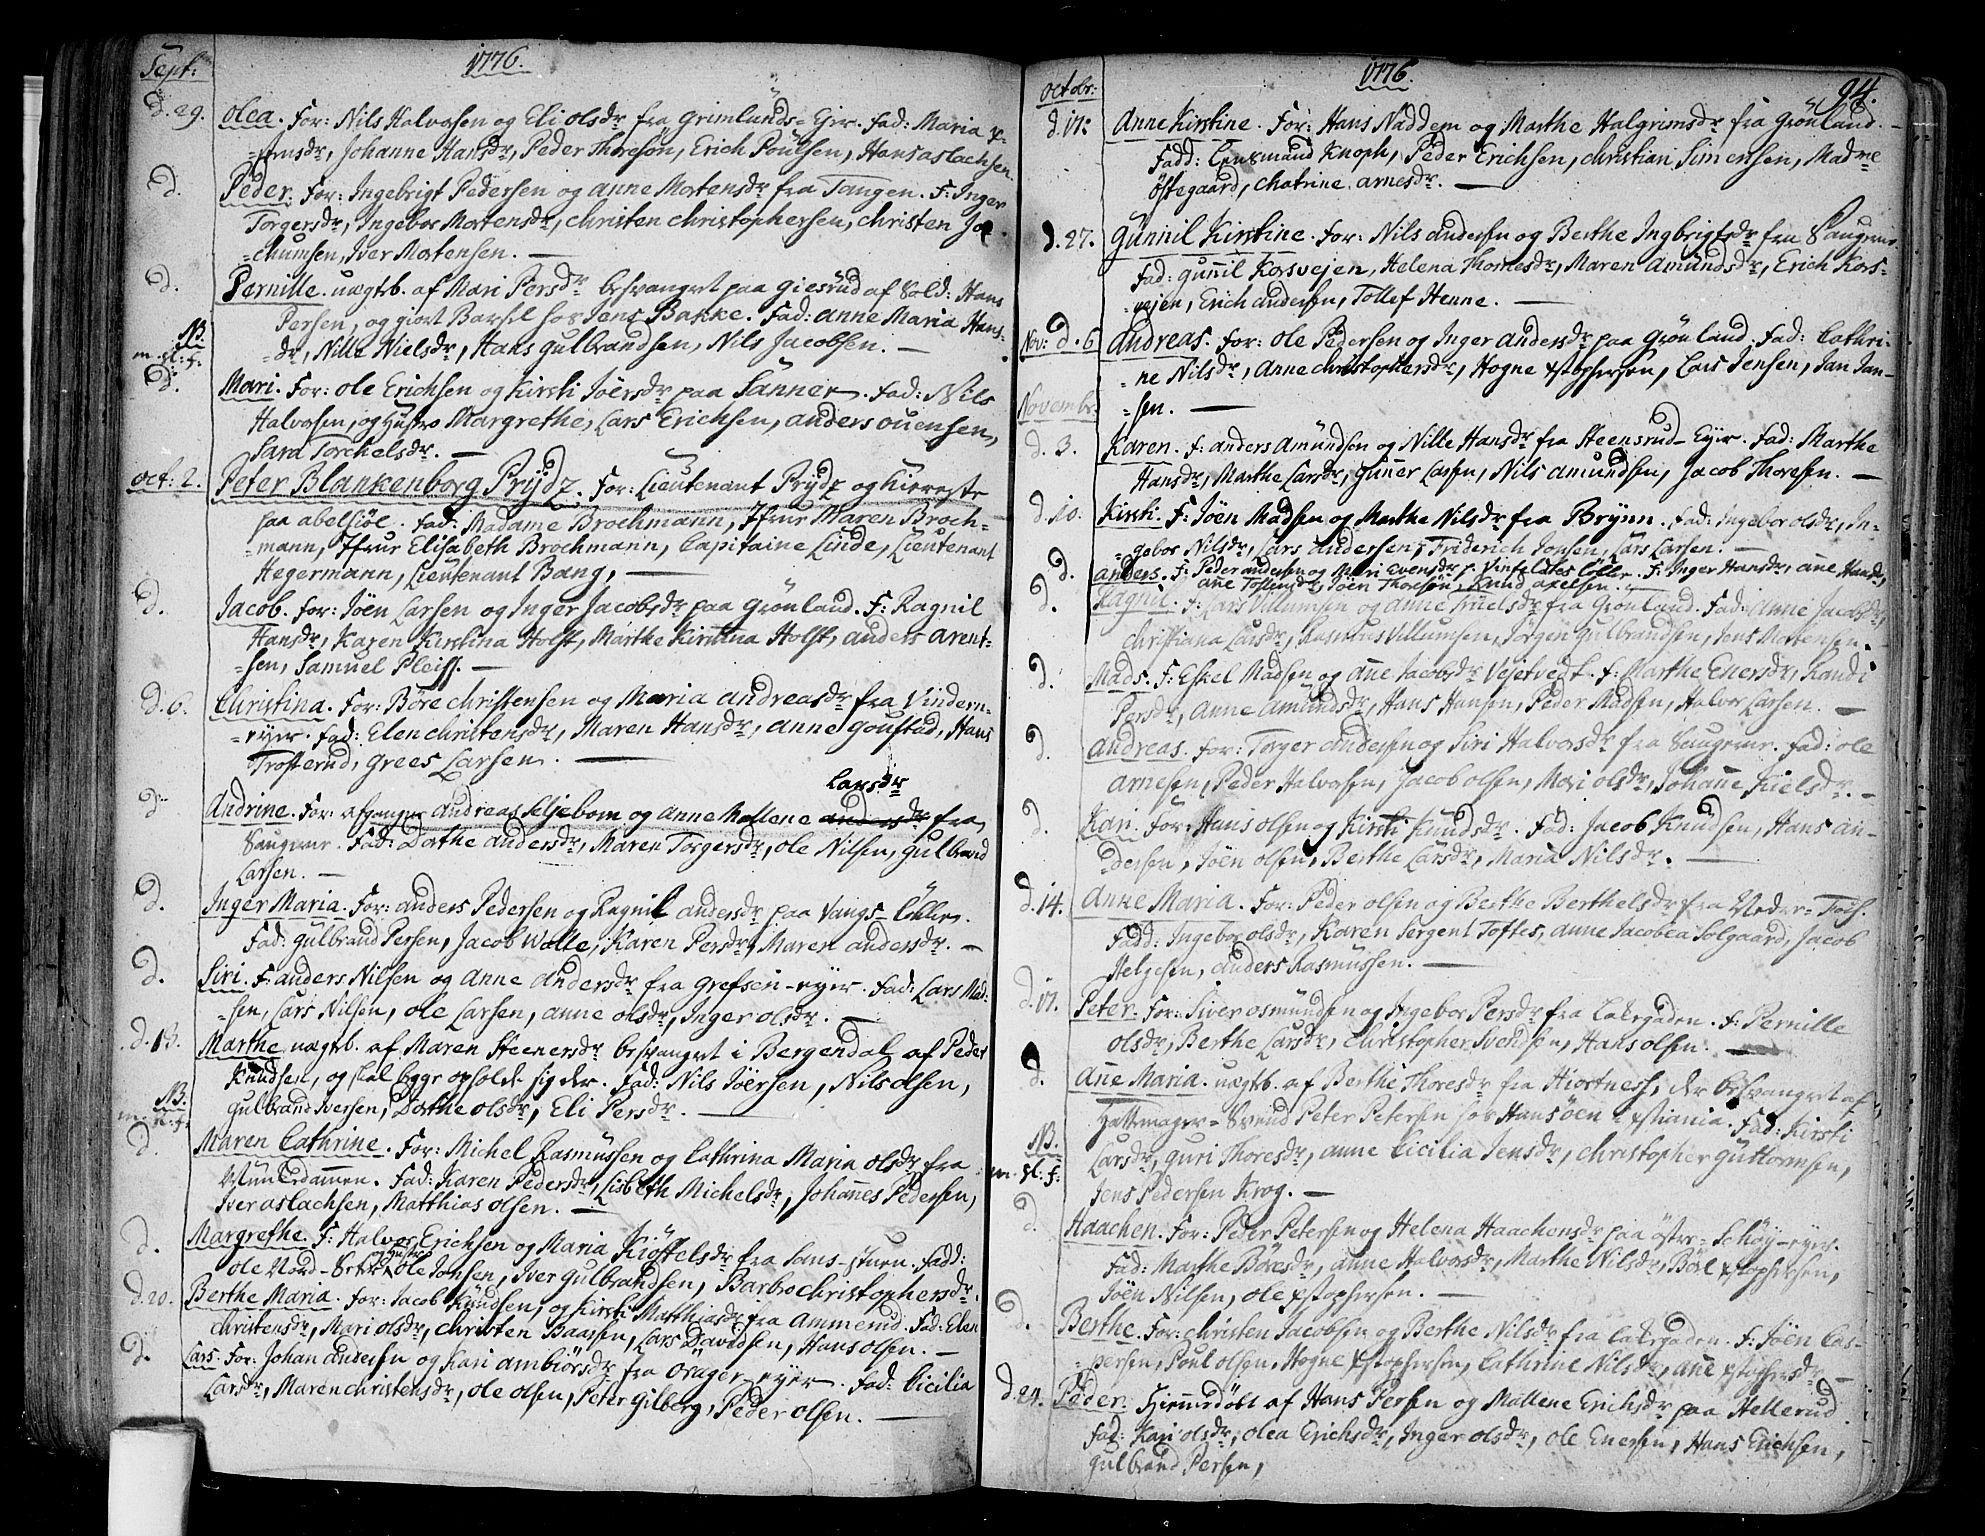 SAO, Aker prestekontor kirkebøker, F/L0009: Ministerialbok nr. 9, 1765-1785, s. 94